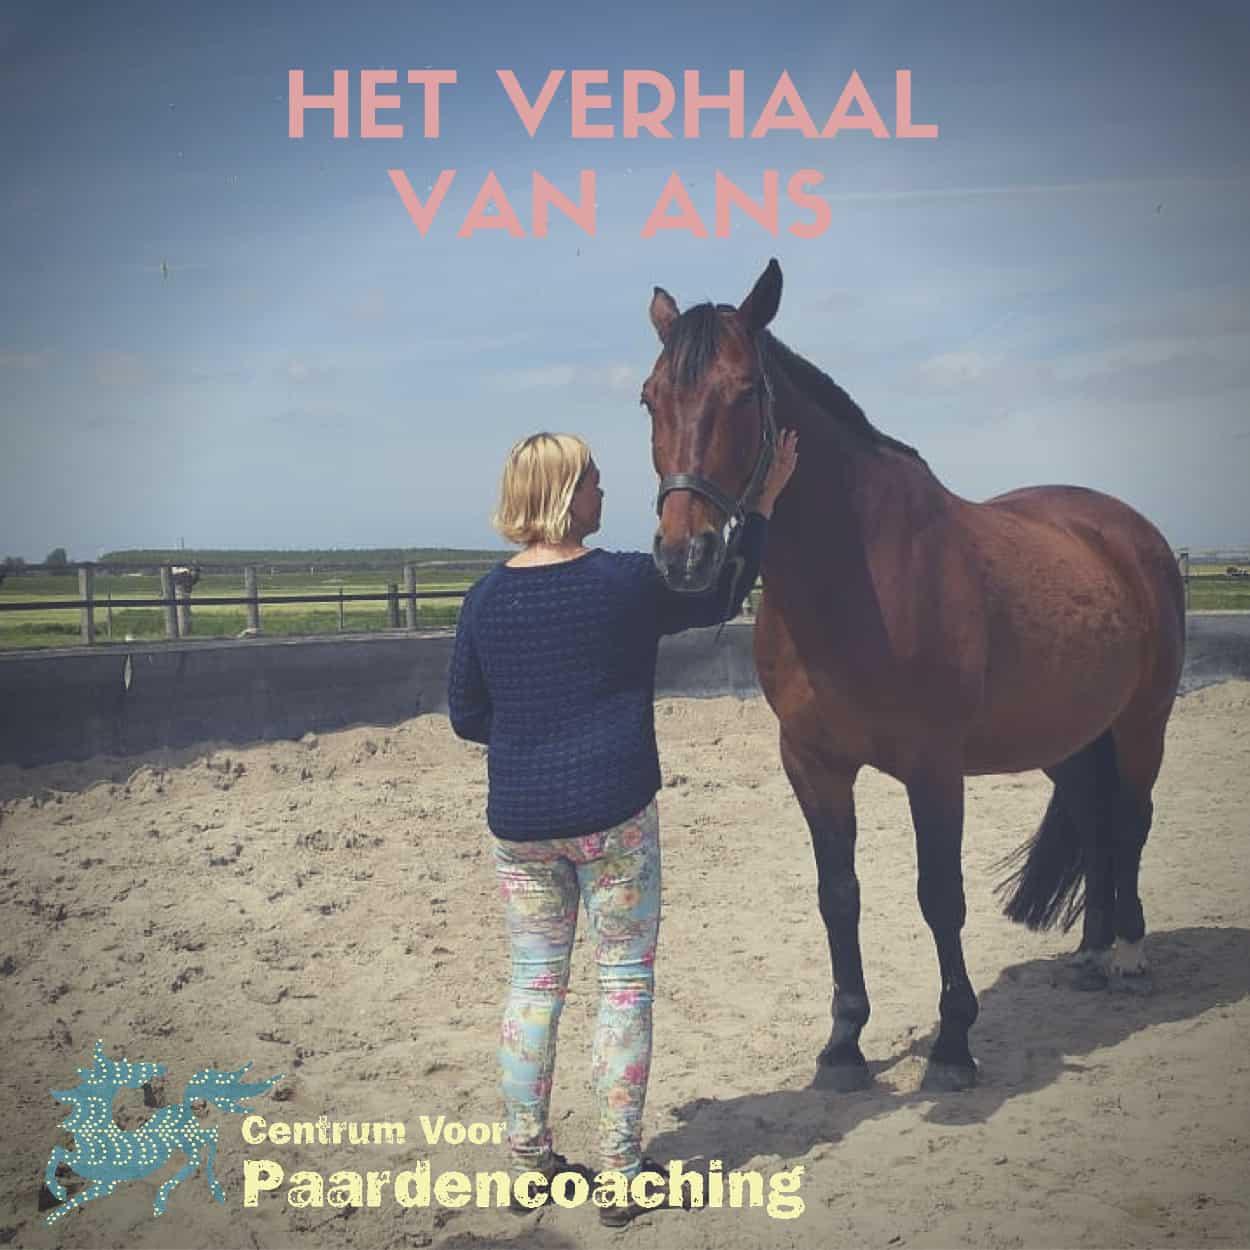 Verhaal_van_Ans